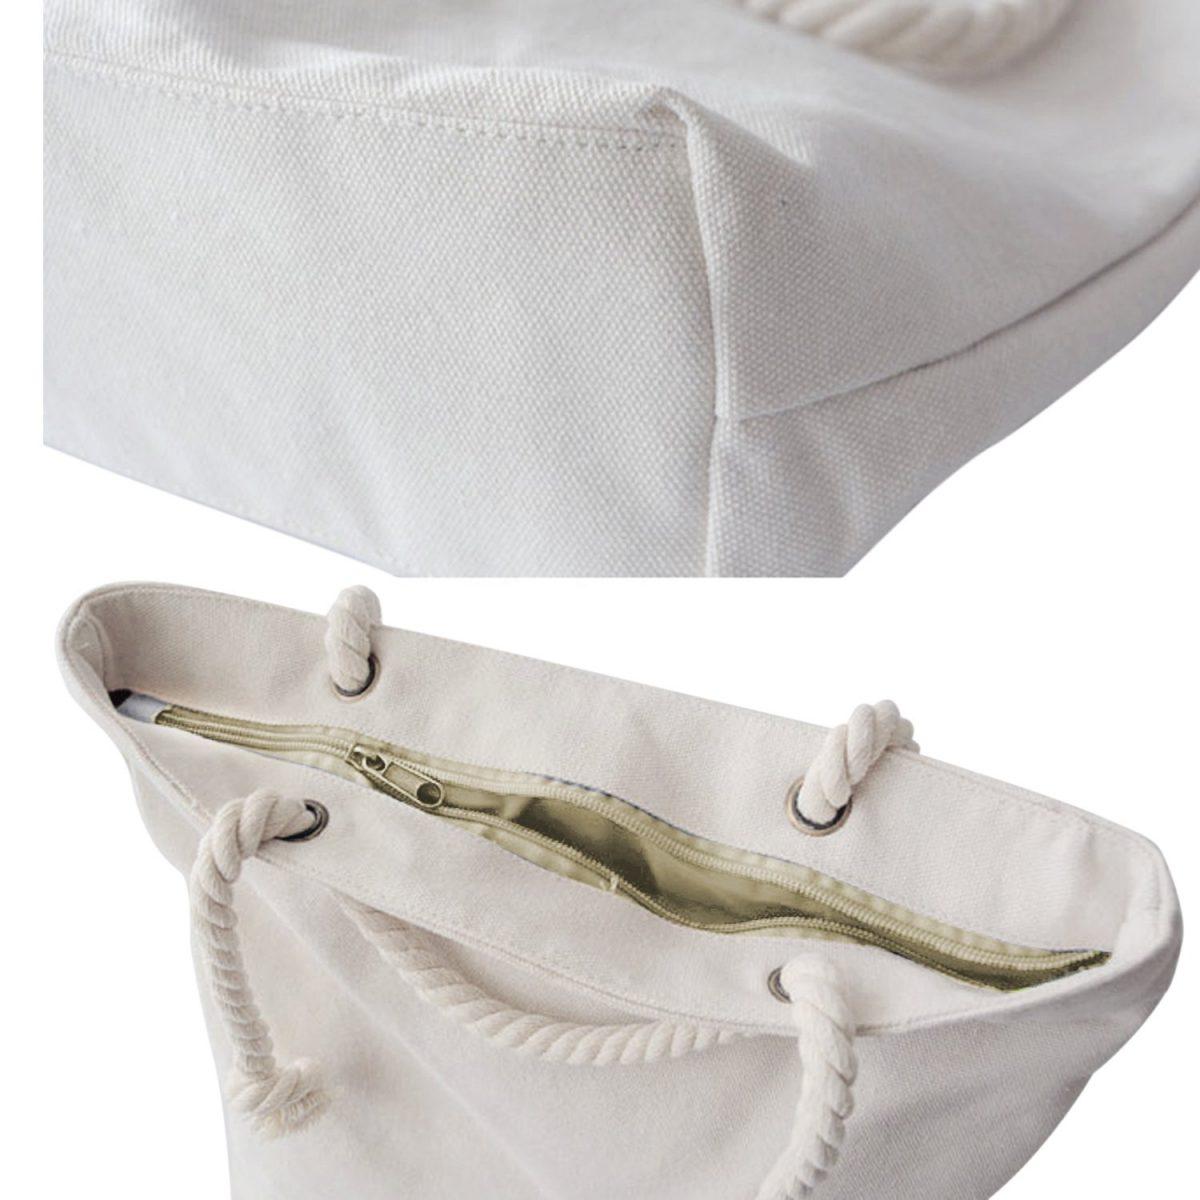 Modern Altın Çizgiler Özel Tasarımlı Fermuarlı Kumaş Çanta Realhomes